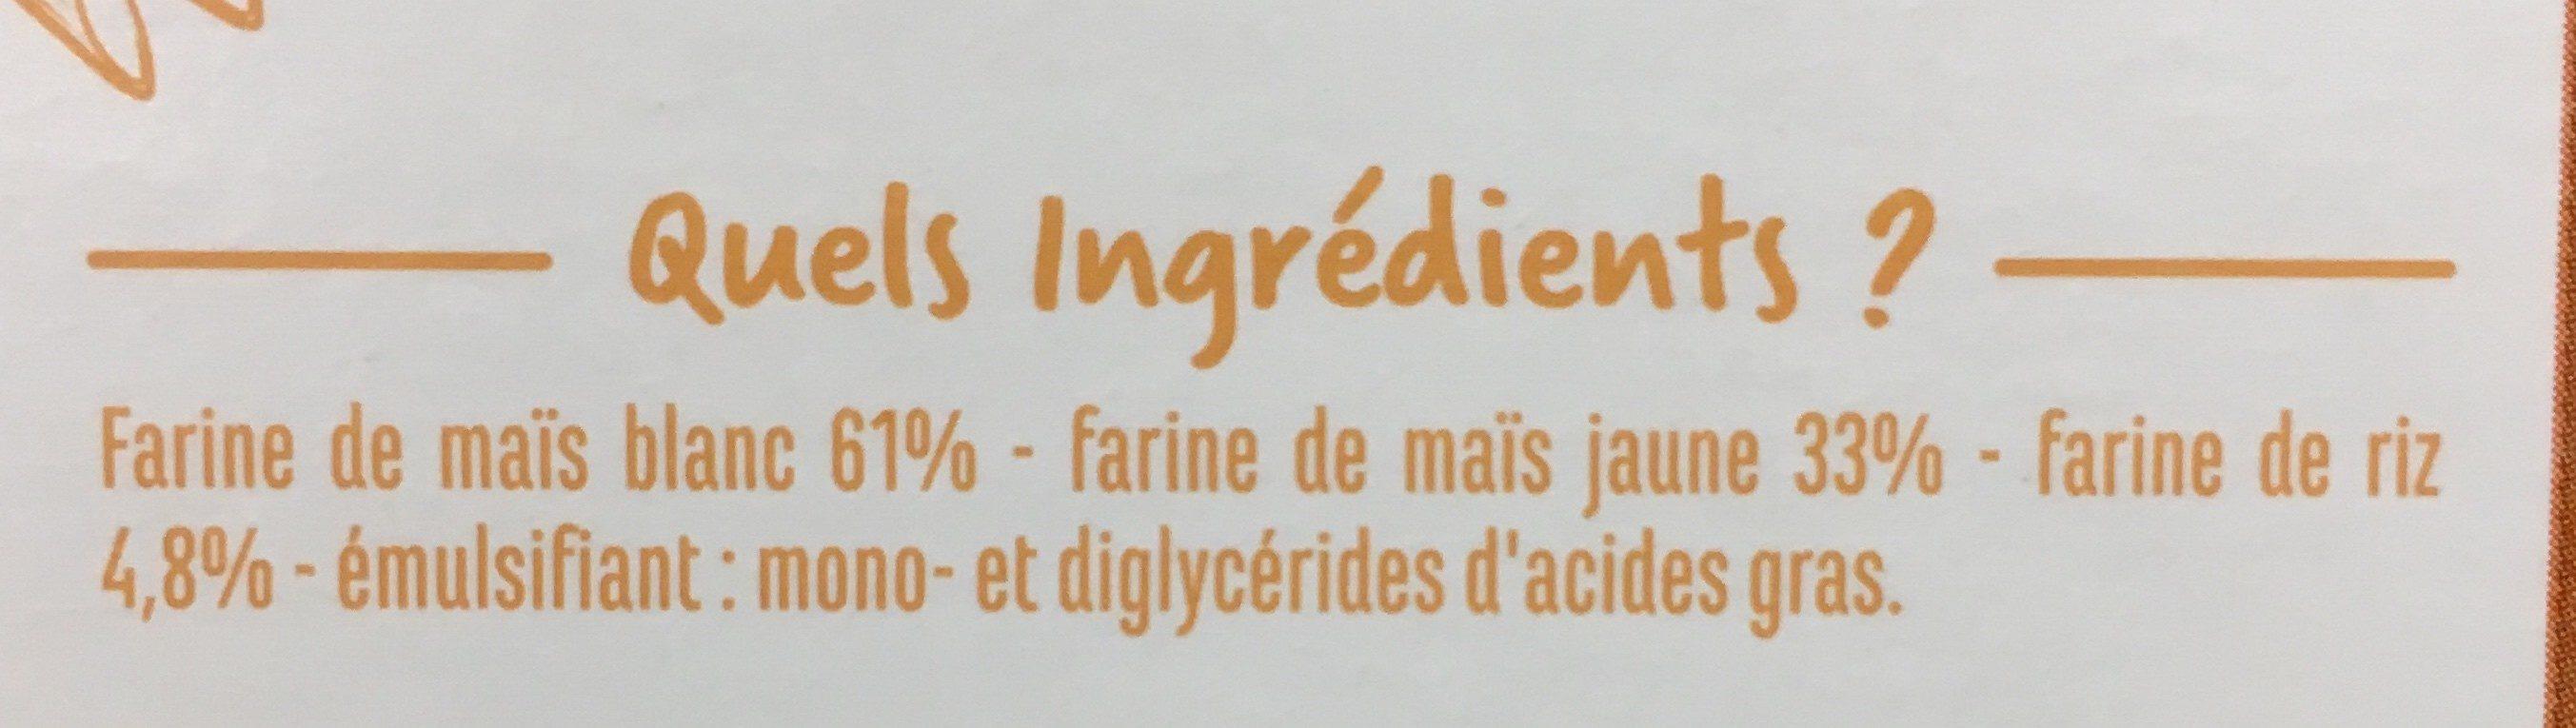 Penne sans gluten - Ingrédients